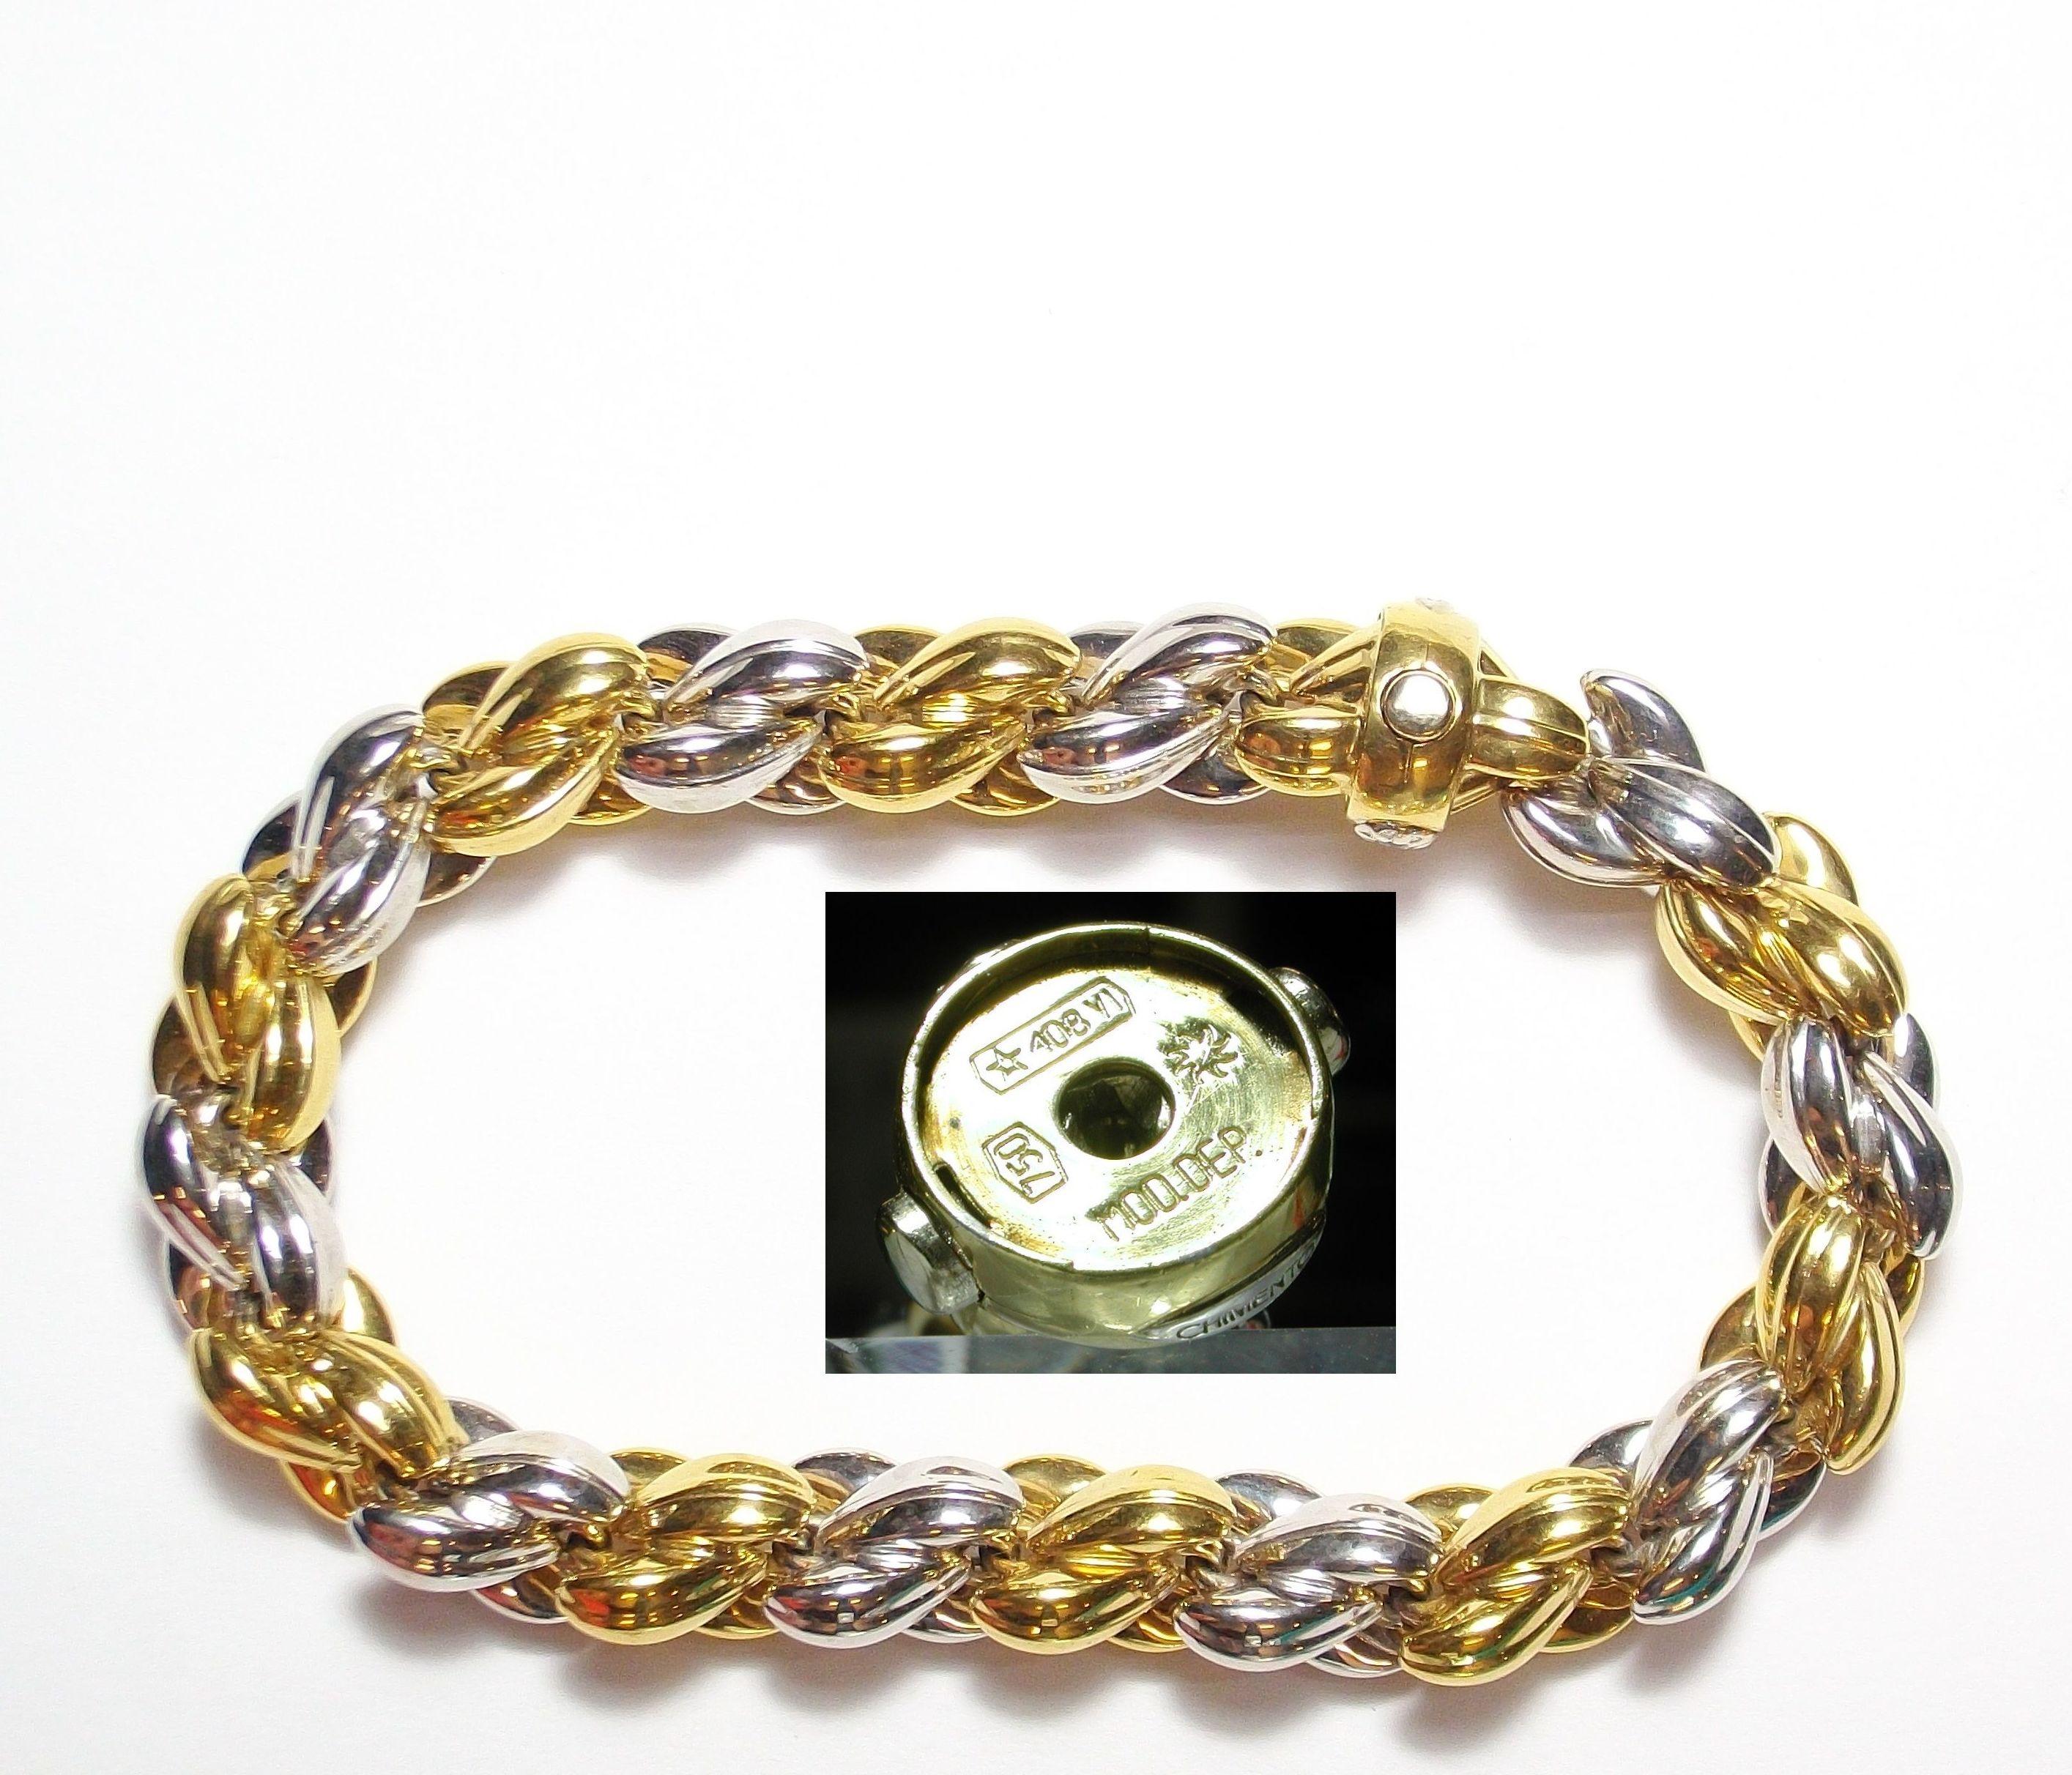 Pulsera de la firma CHIMENTO realizada con piezas y entrepiezas de oro bicolor de 18k.